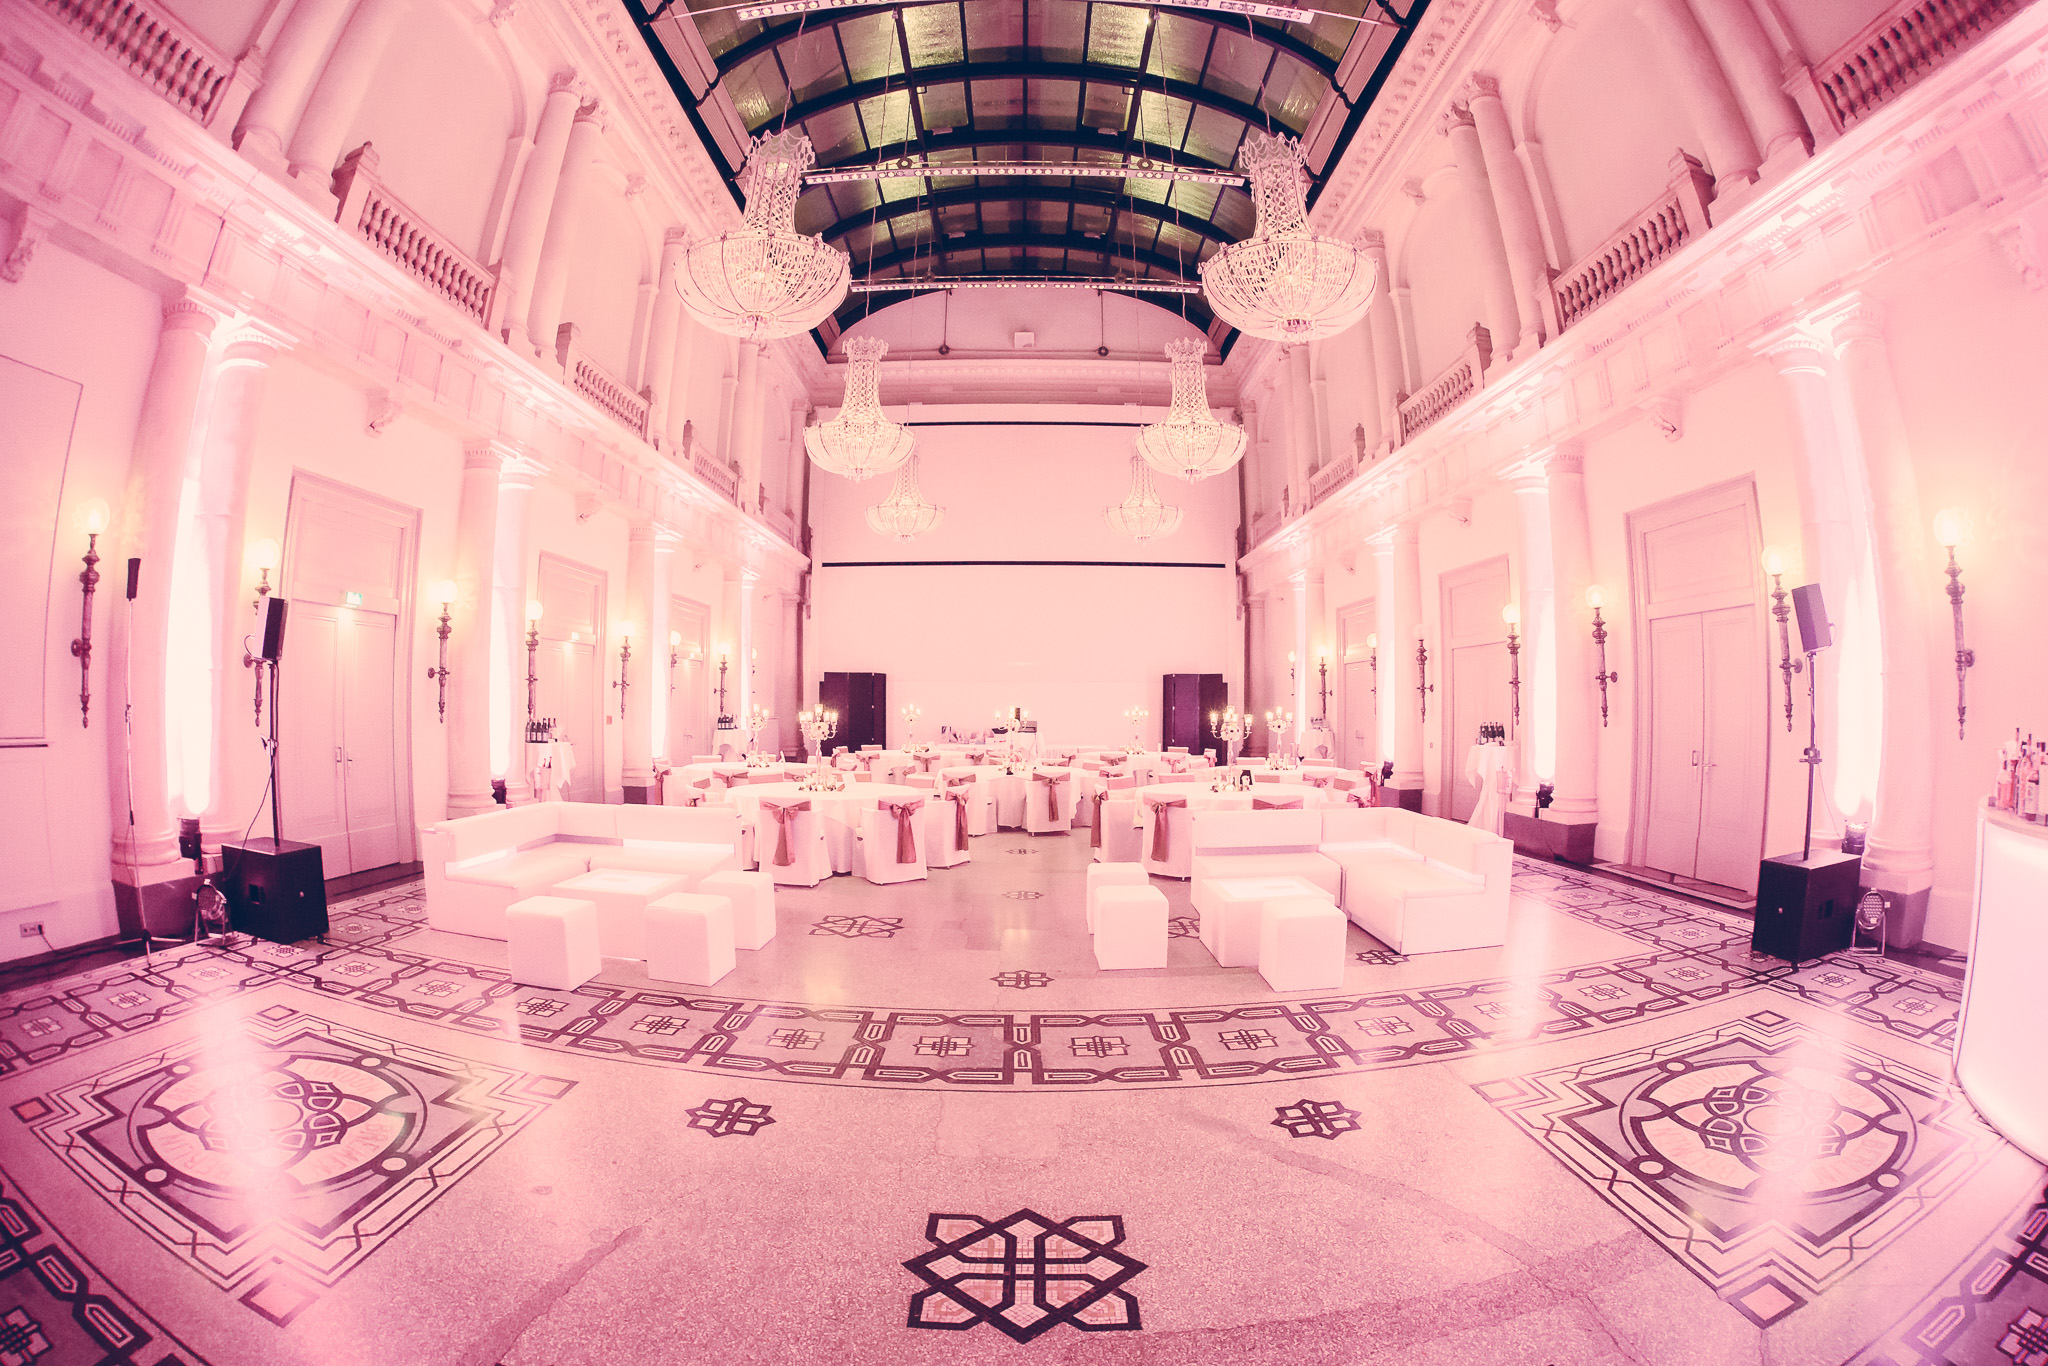 traumhochzeit-hotel-de-rome-matthias-friel-hochzeit-wedding-berlin